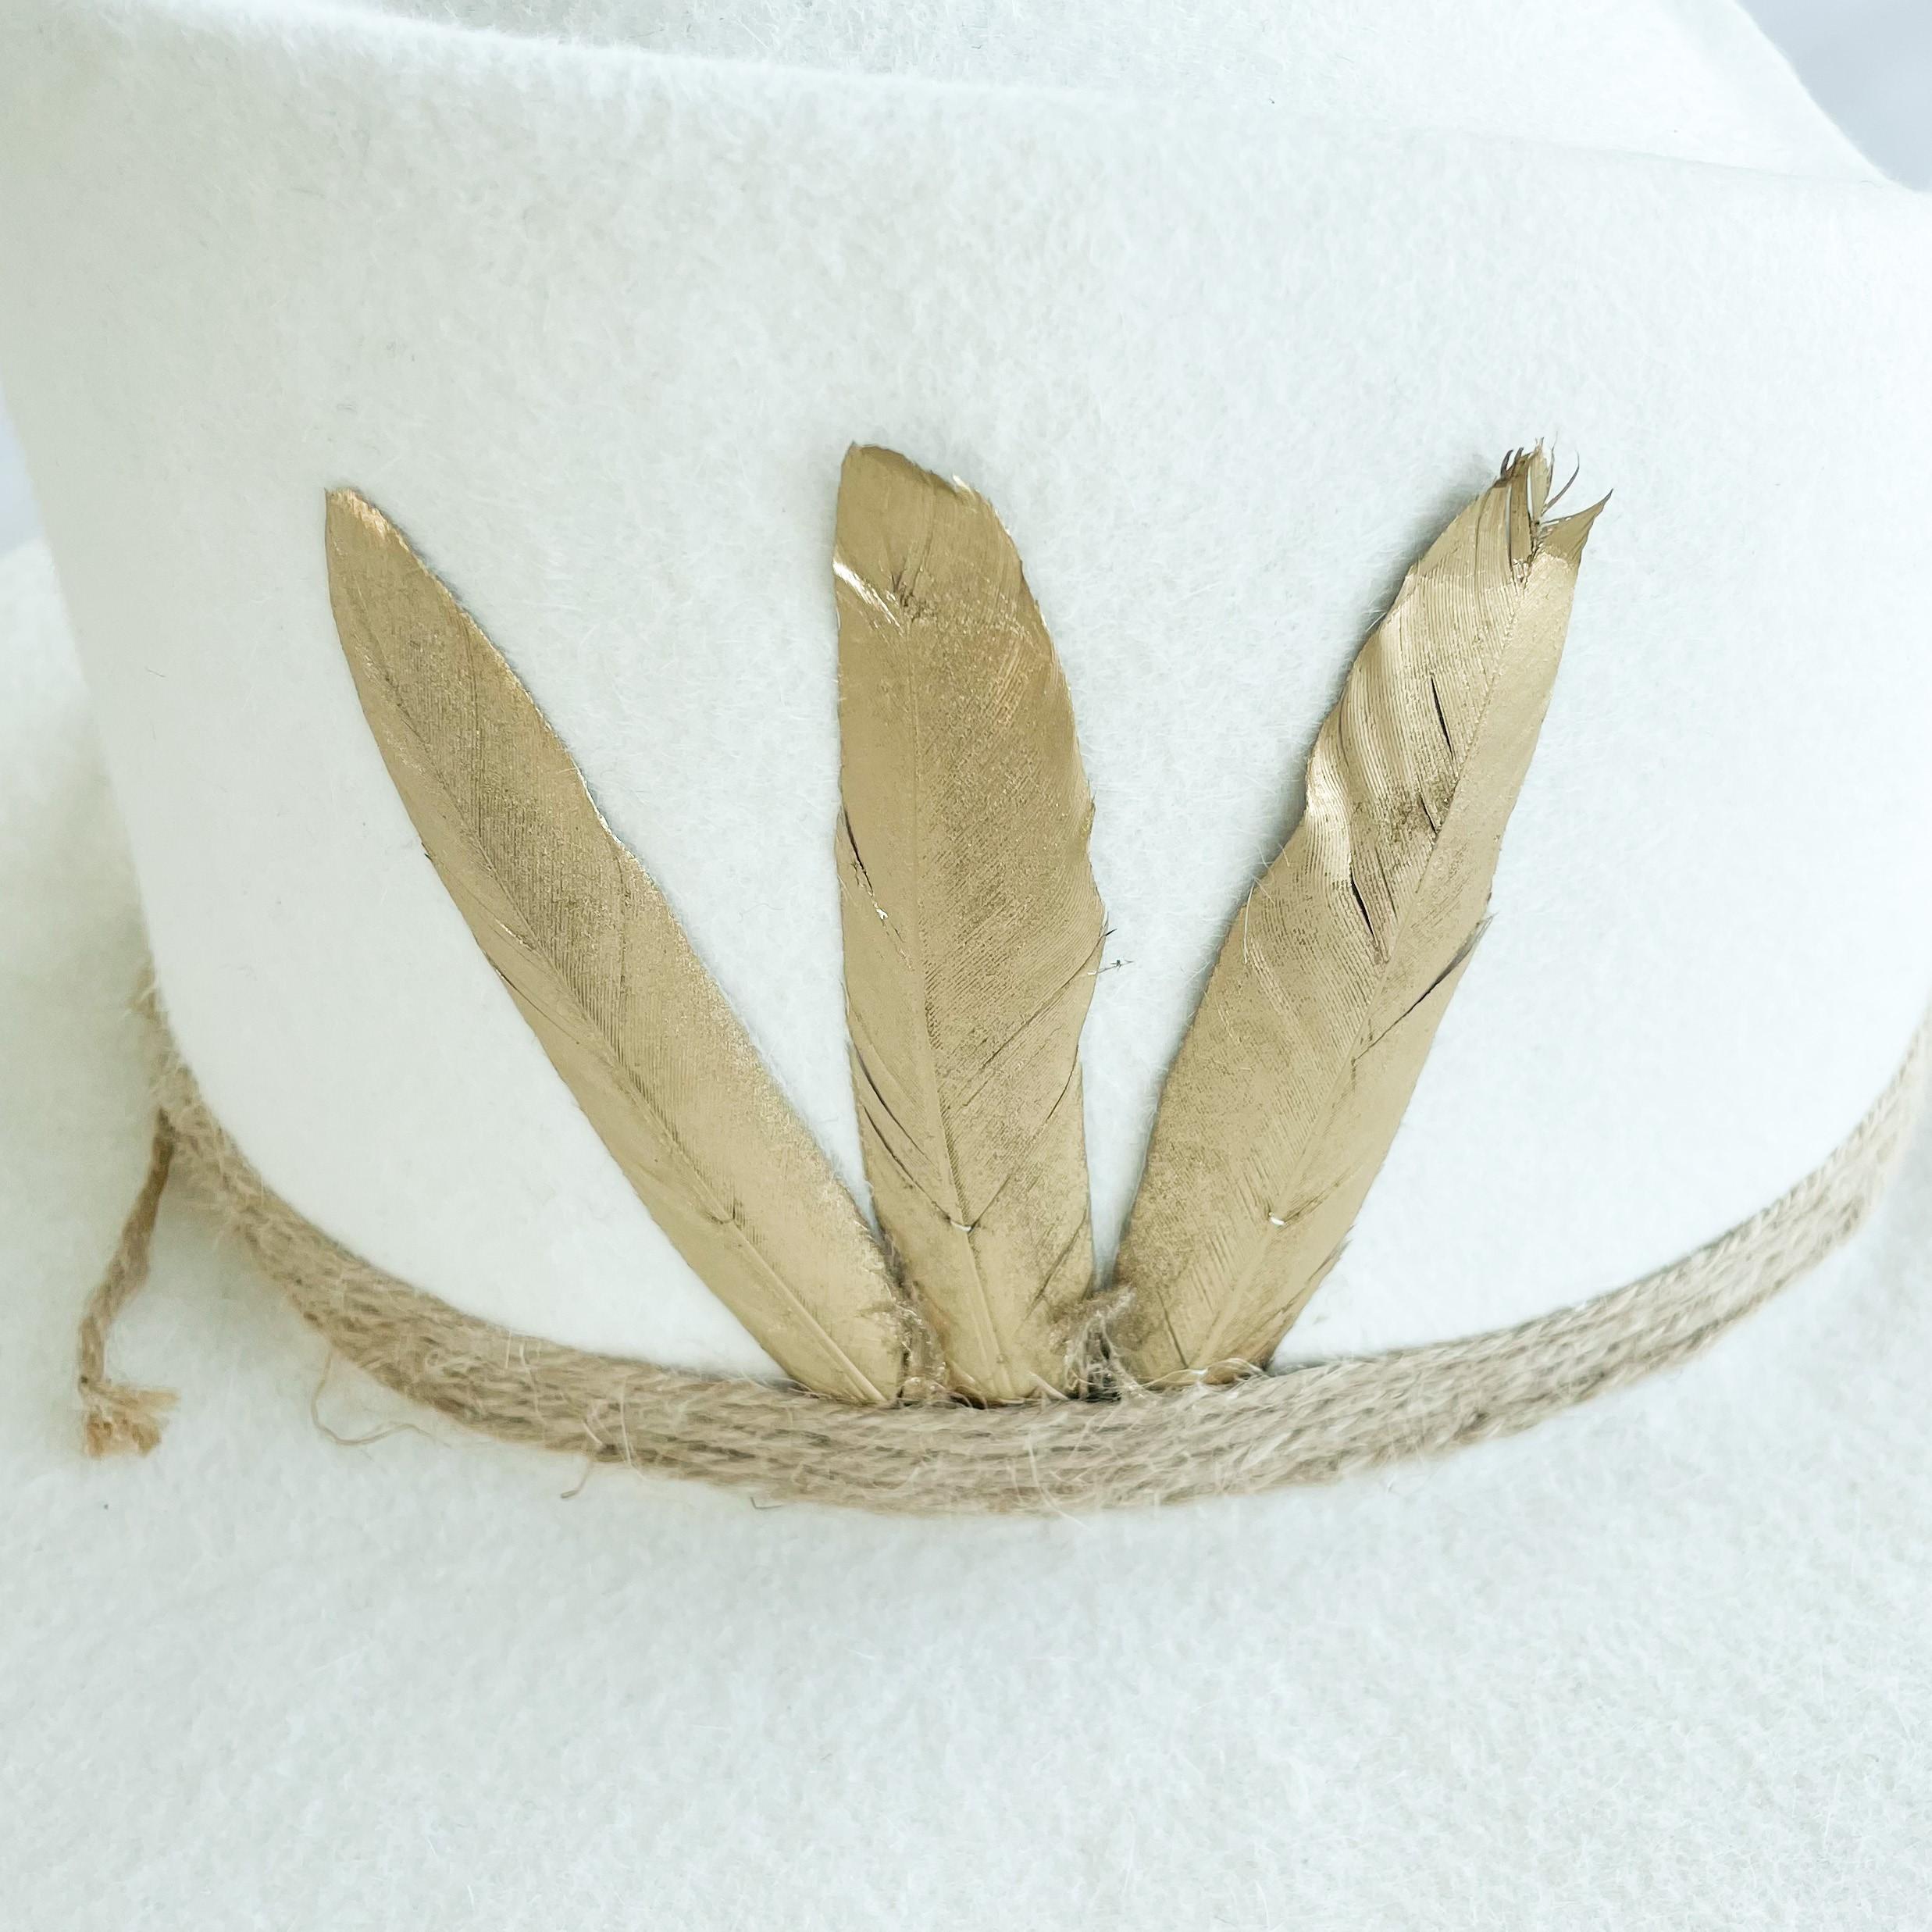 Monique bridal 100% felt hat with gold feathers